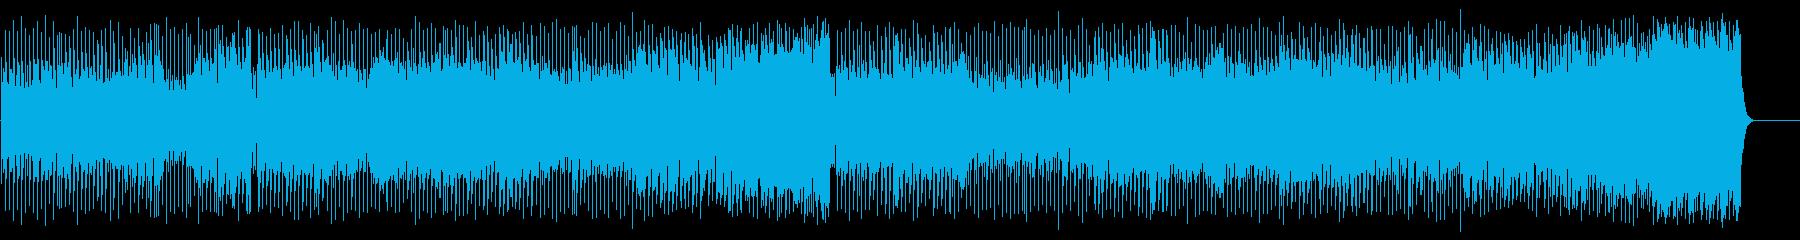 恋の炎のダンサブルなマイナーテクノポップの再生済みの波形